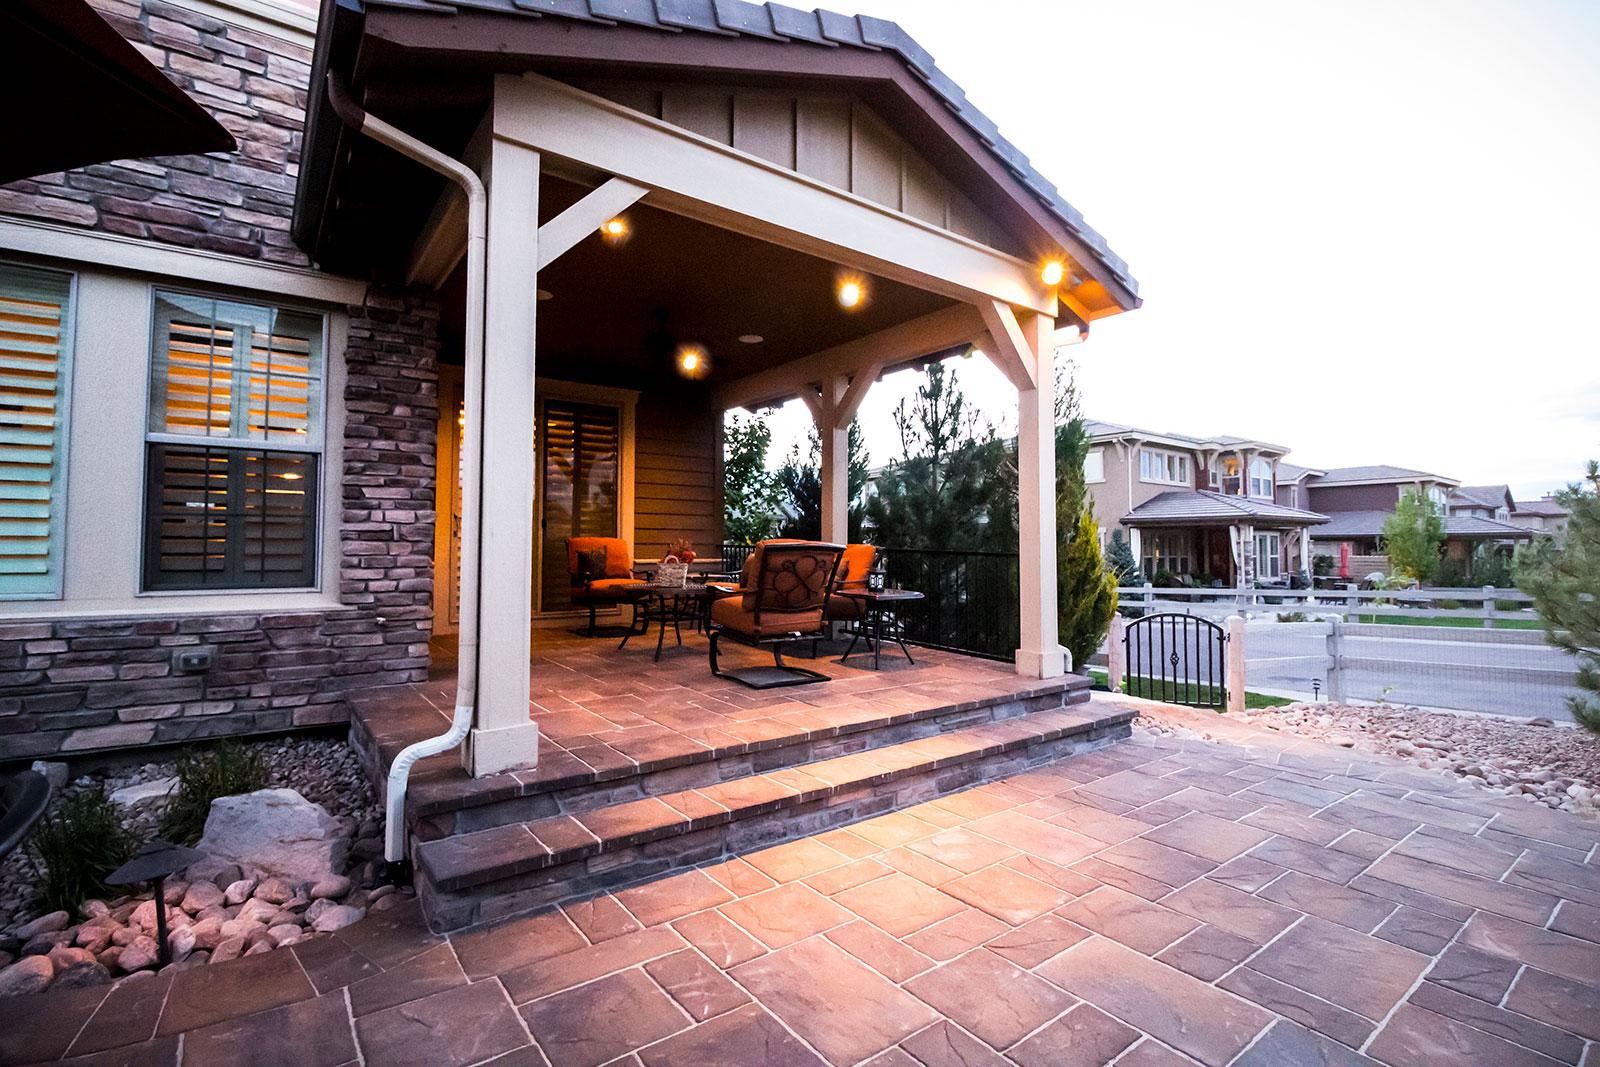 LL-20-13 - Elite Landscape & Outdoor Living - Elite ... on Elite Landscape And Outdoor Living id=94139